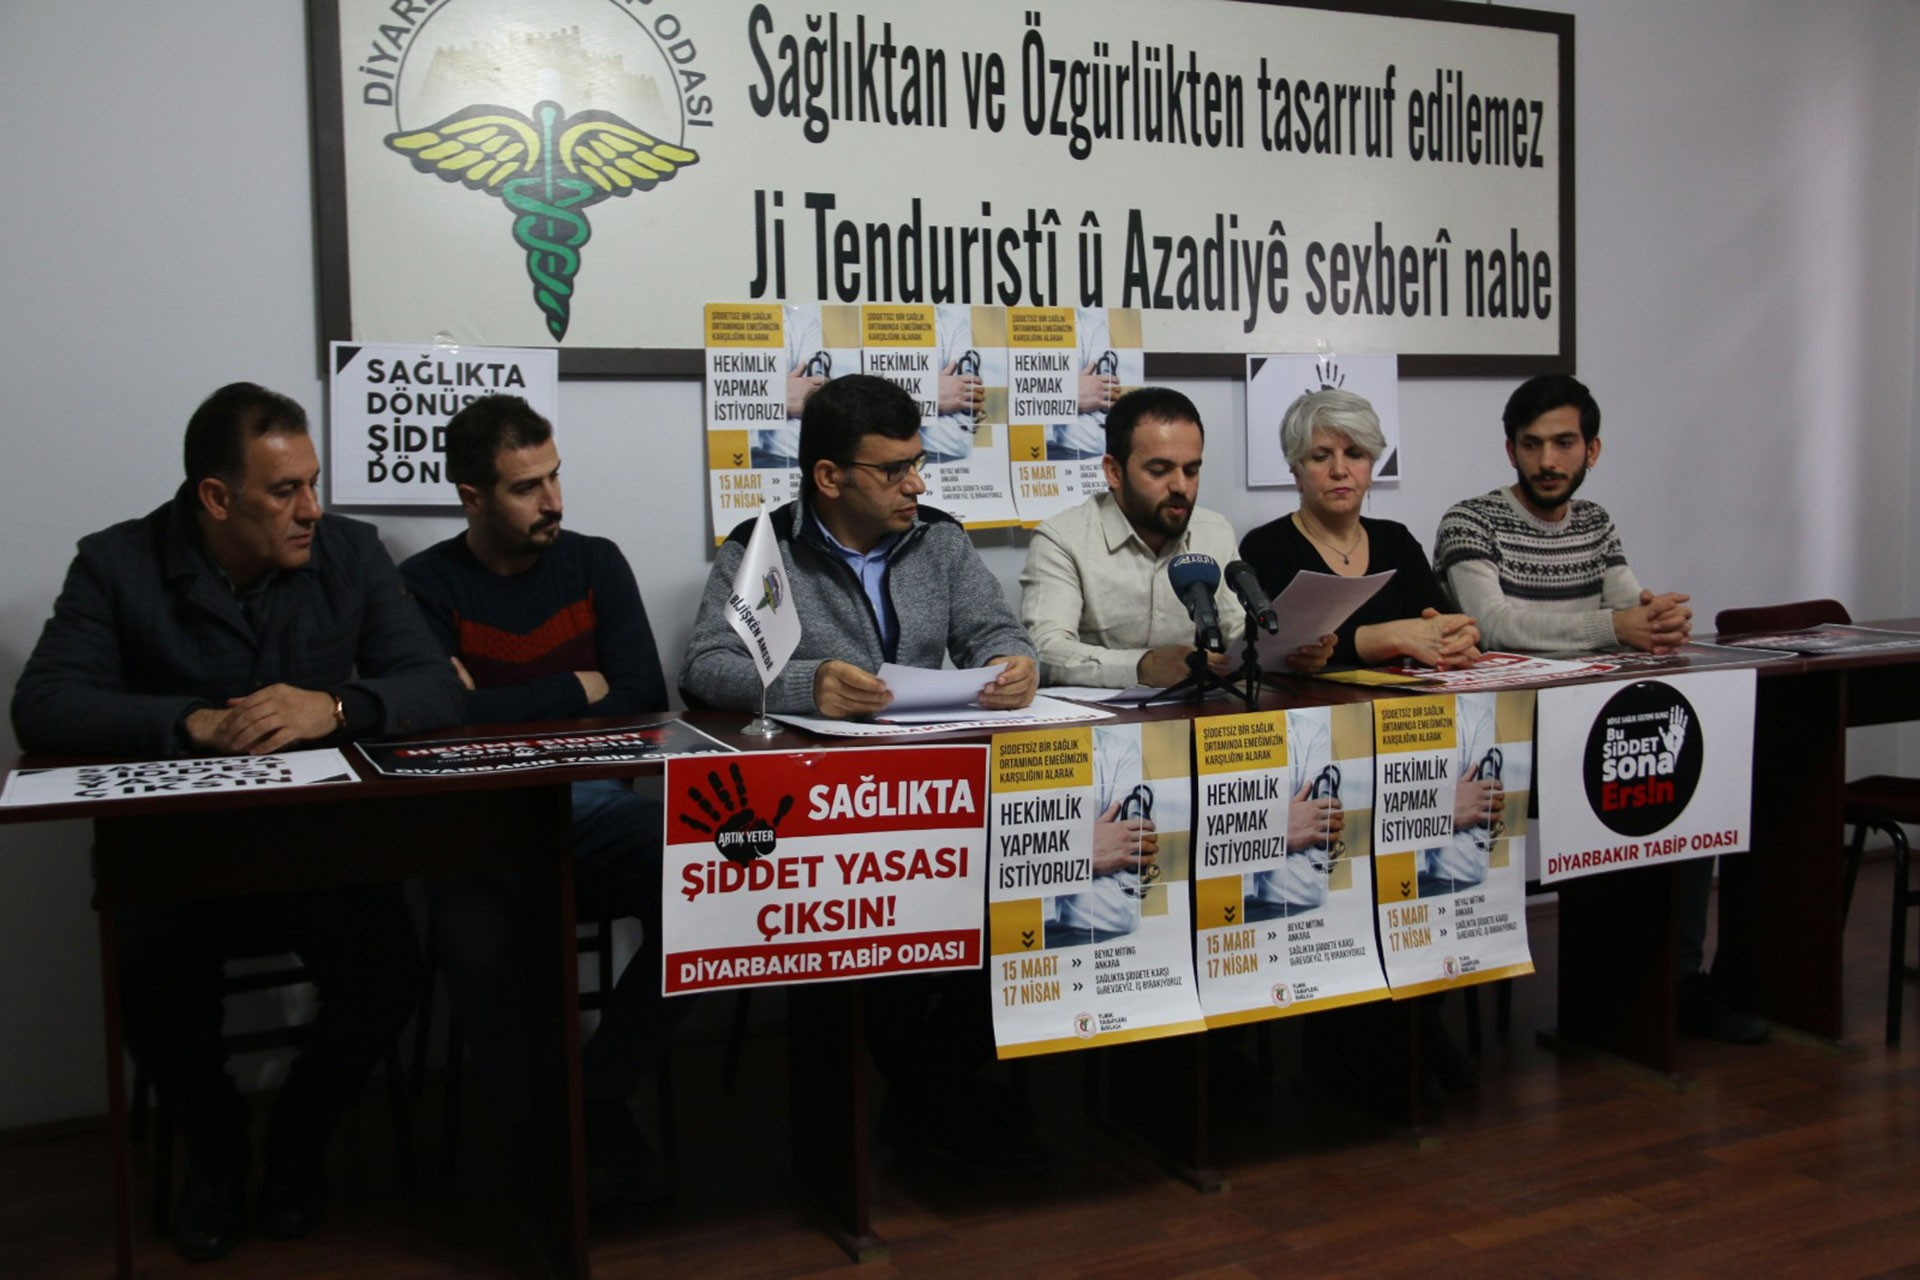 Diyarbakır'da sağlık emekçilerinin yaptığı basın açıklaması